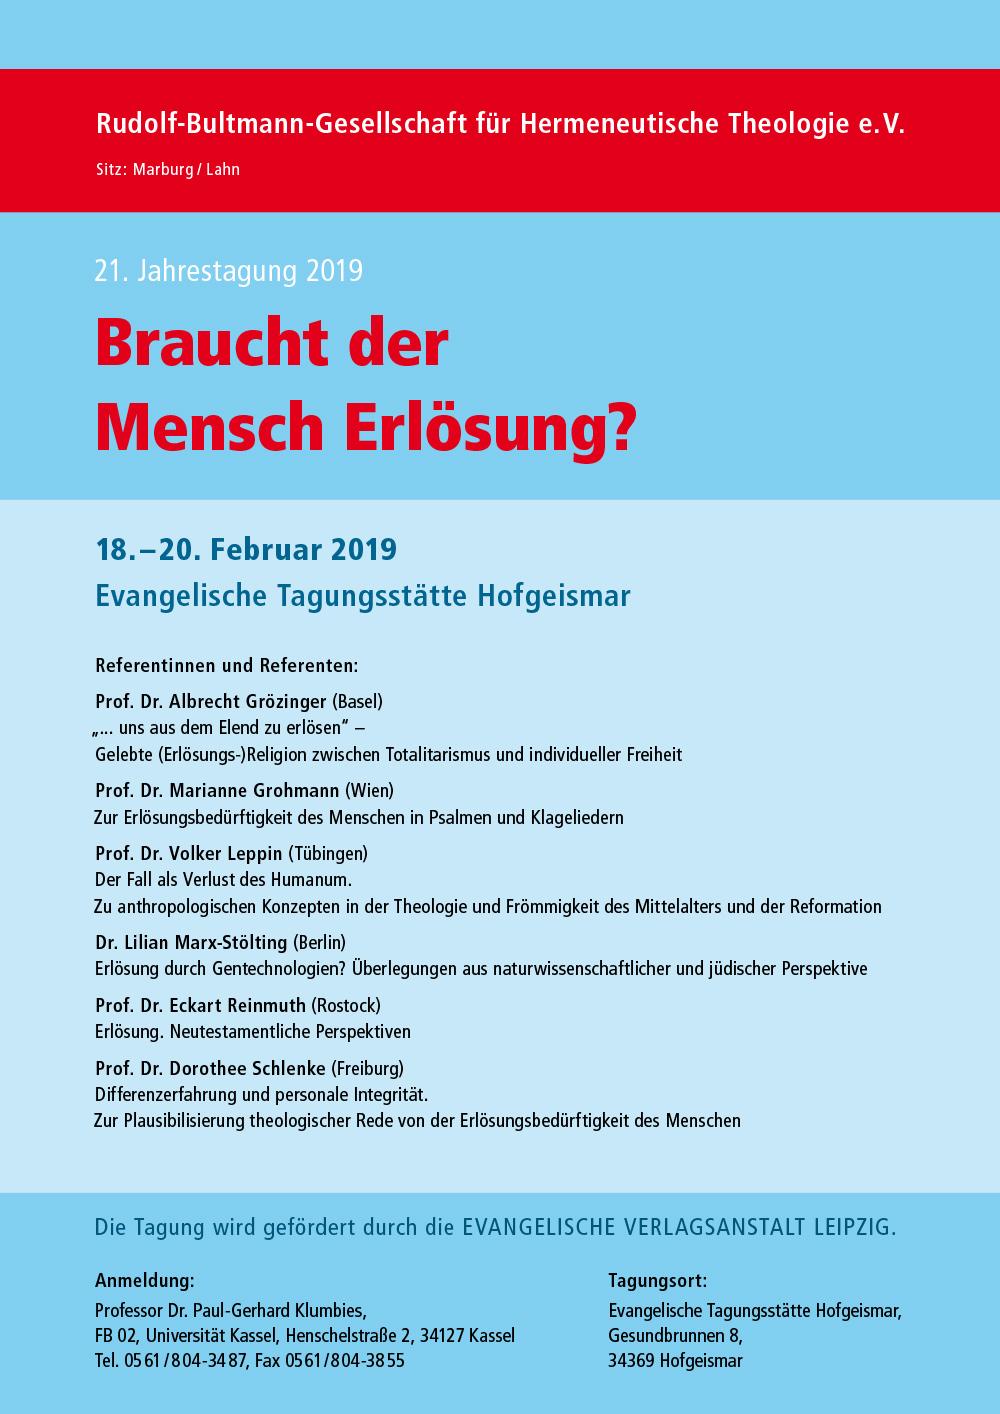 Plakat_Bultmann_Gesellschaft_2019